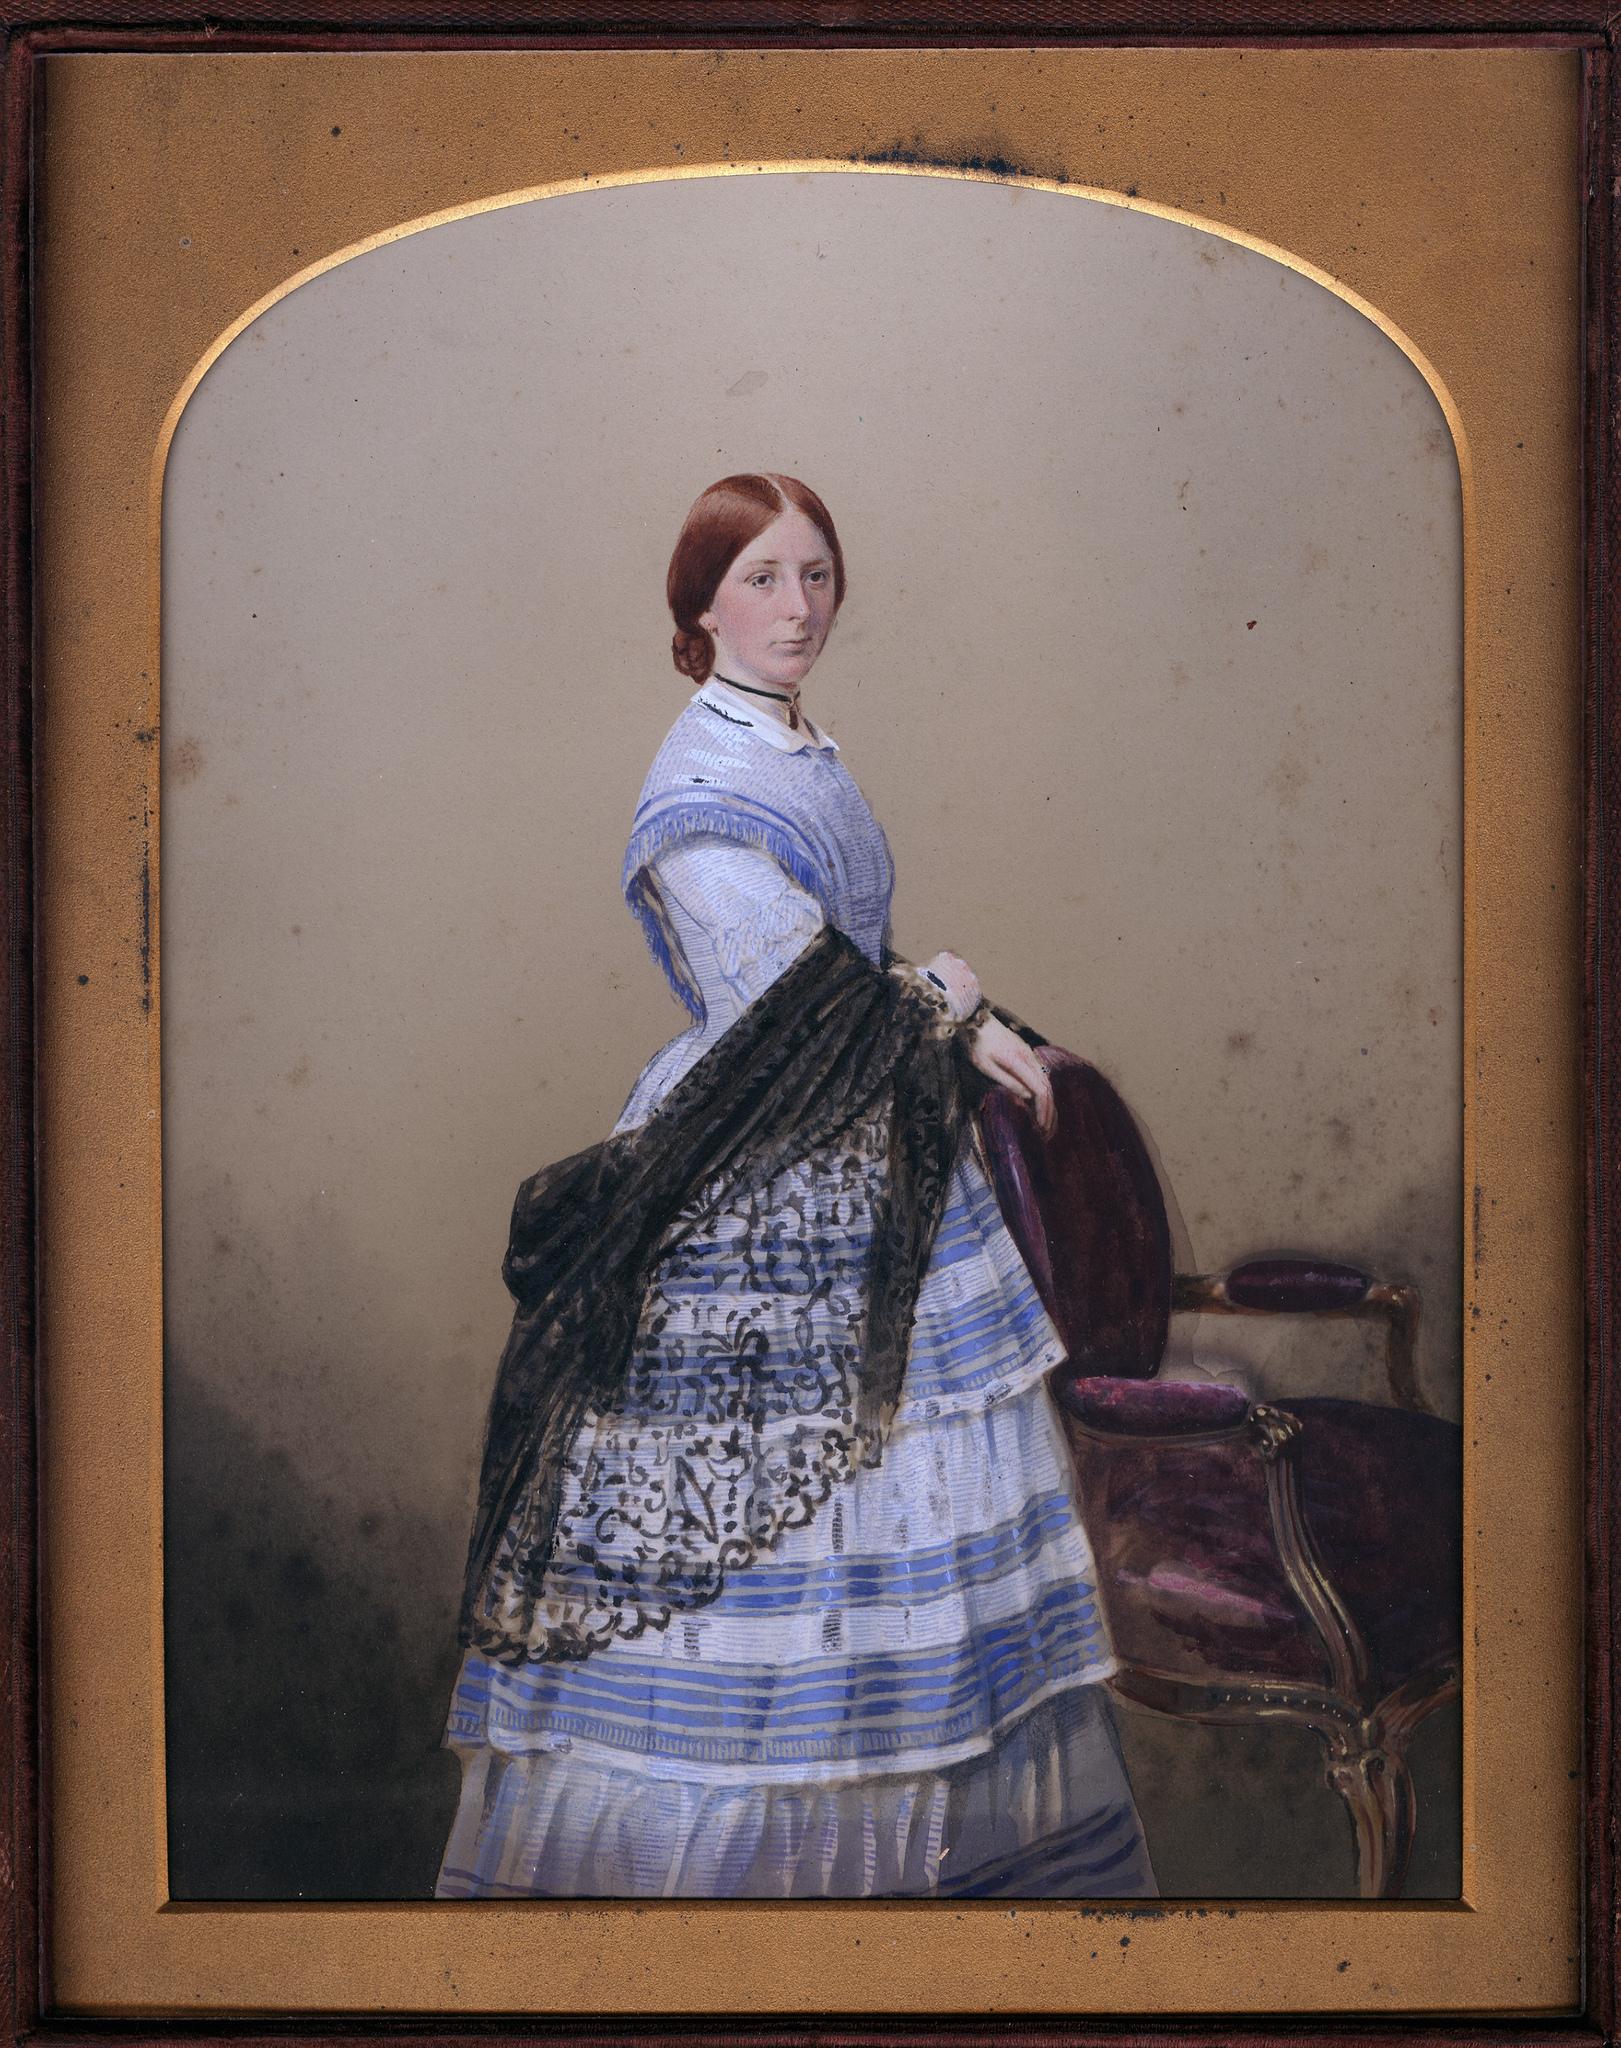 1860. Мисс Кэмпбелл